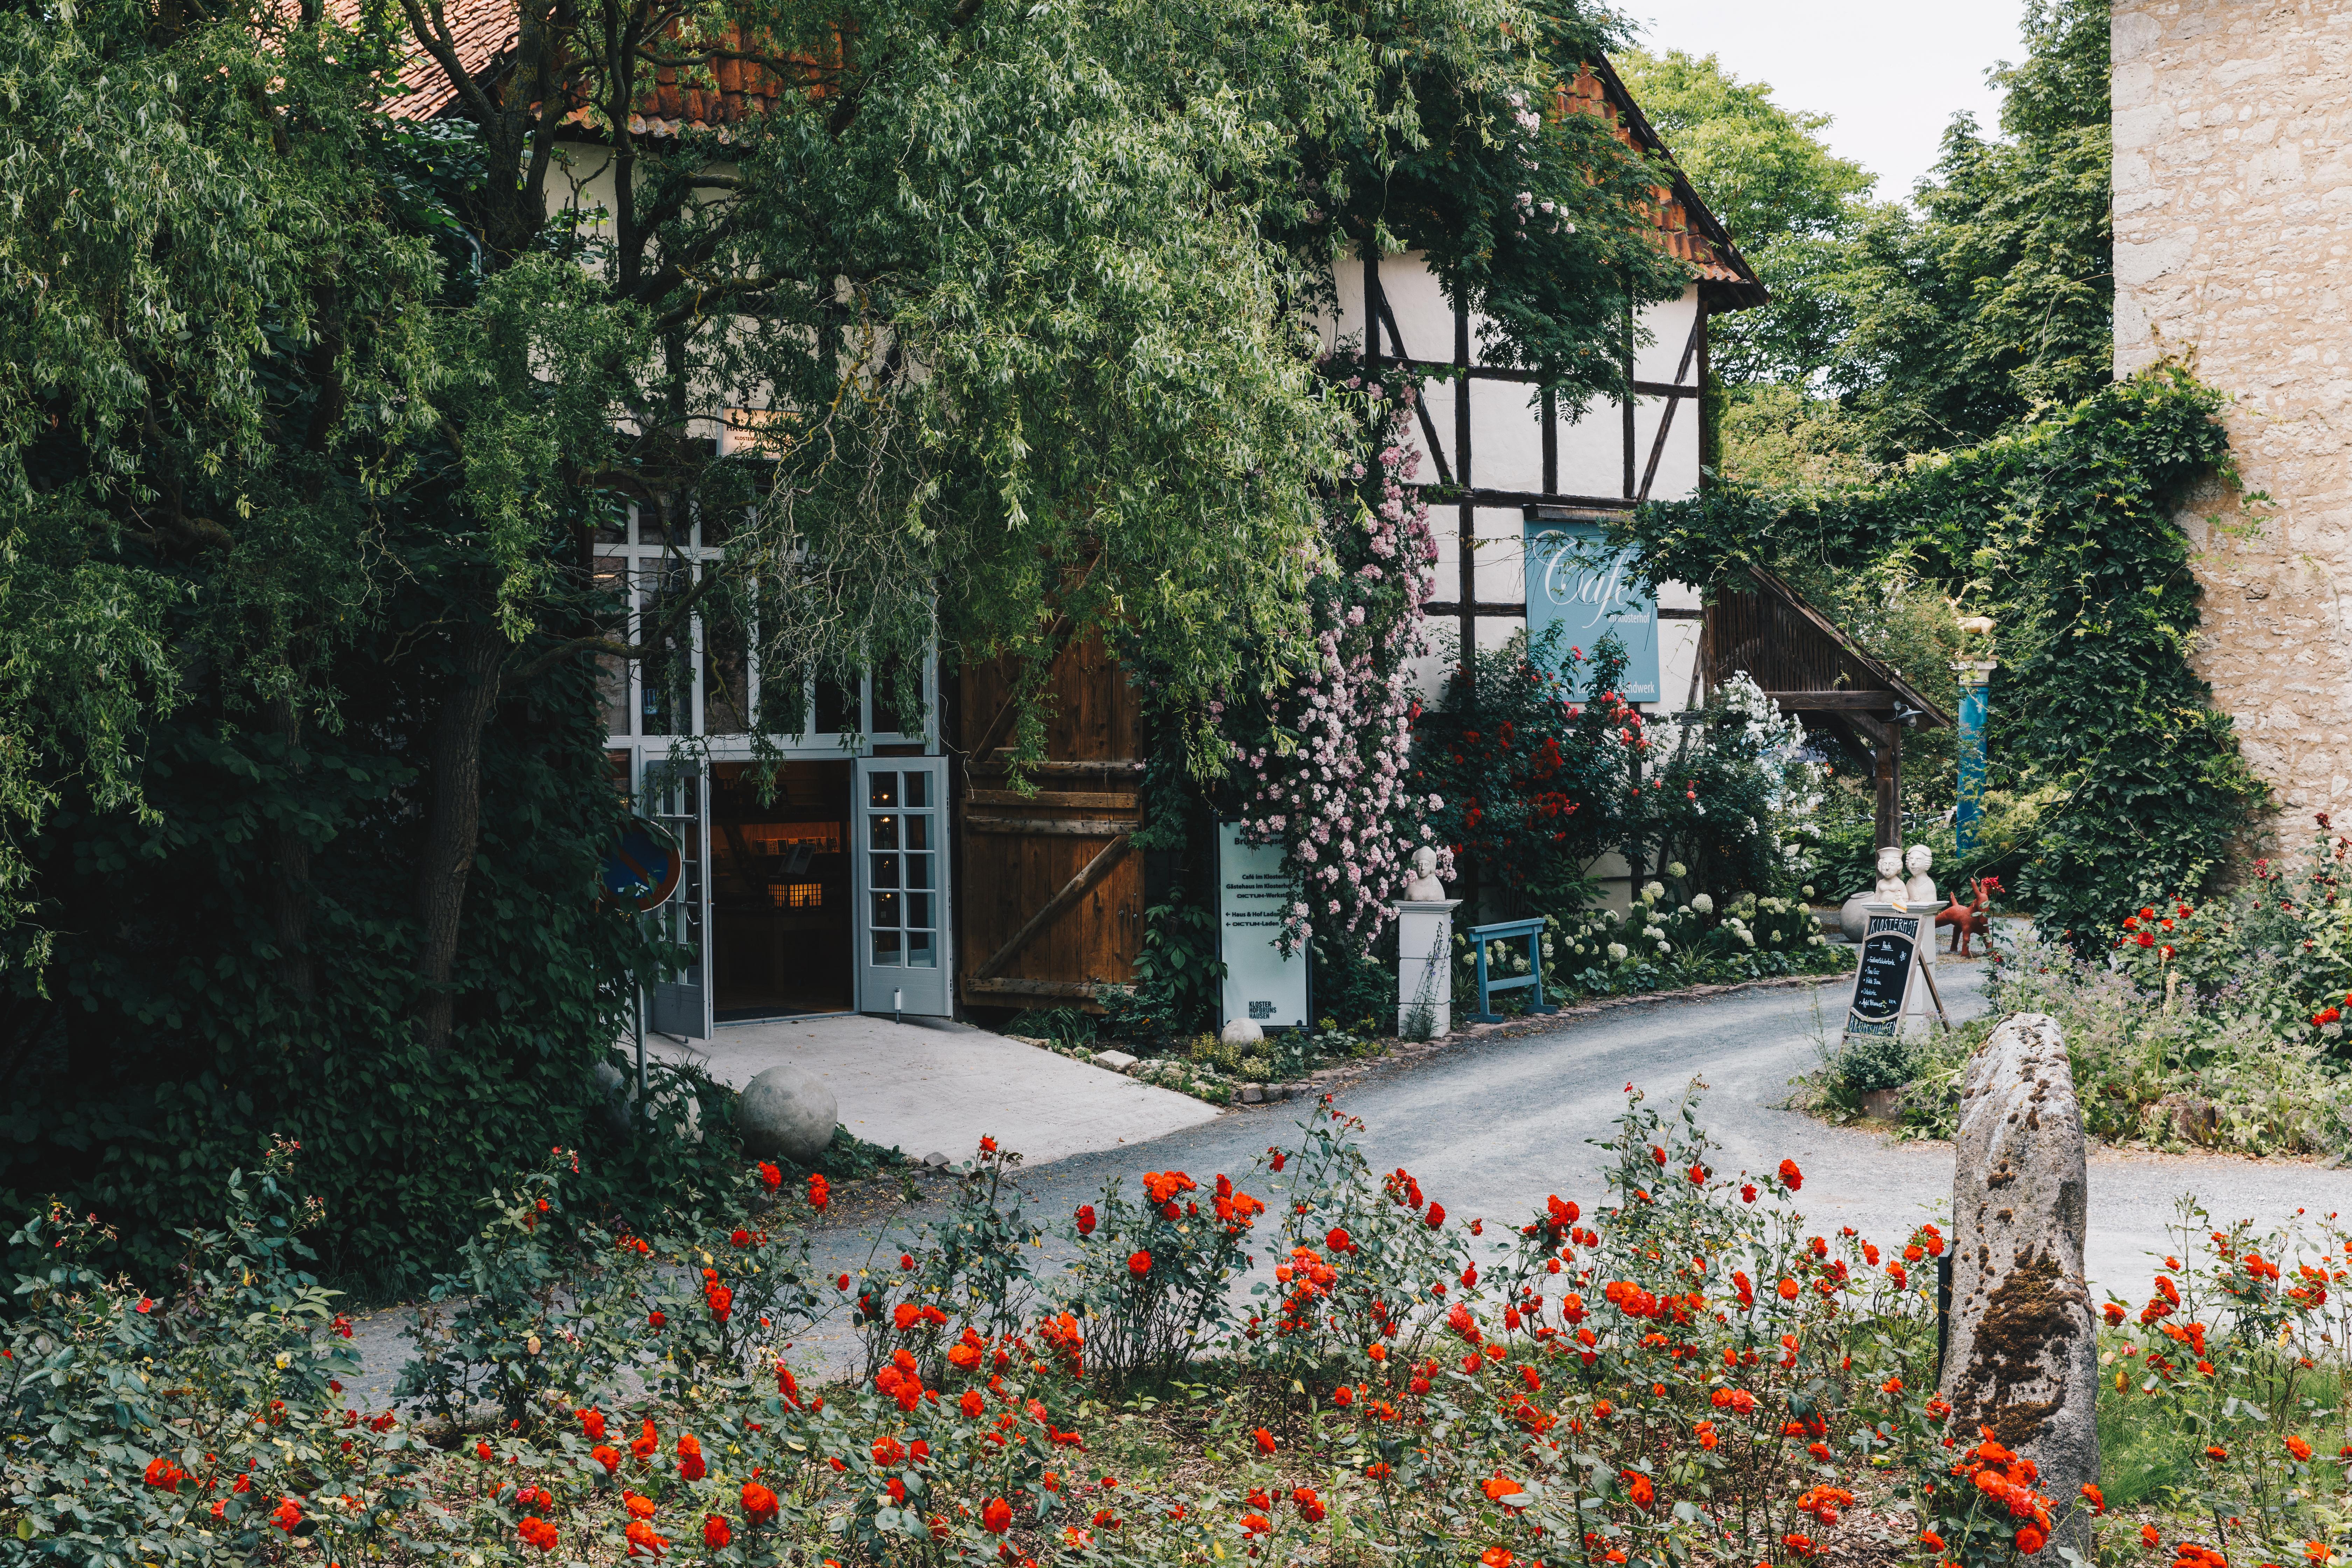 Klosterhof Brunshausen - Eingang zum Hofladen